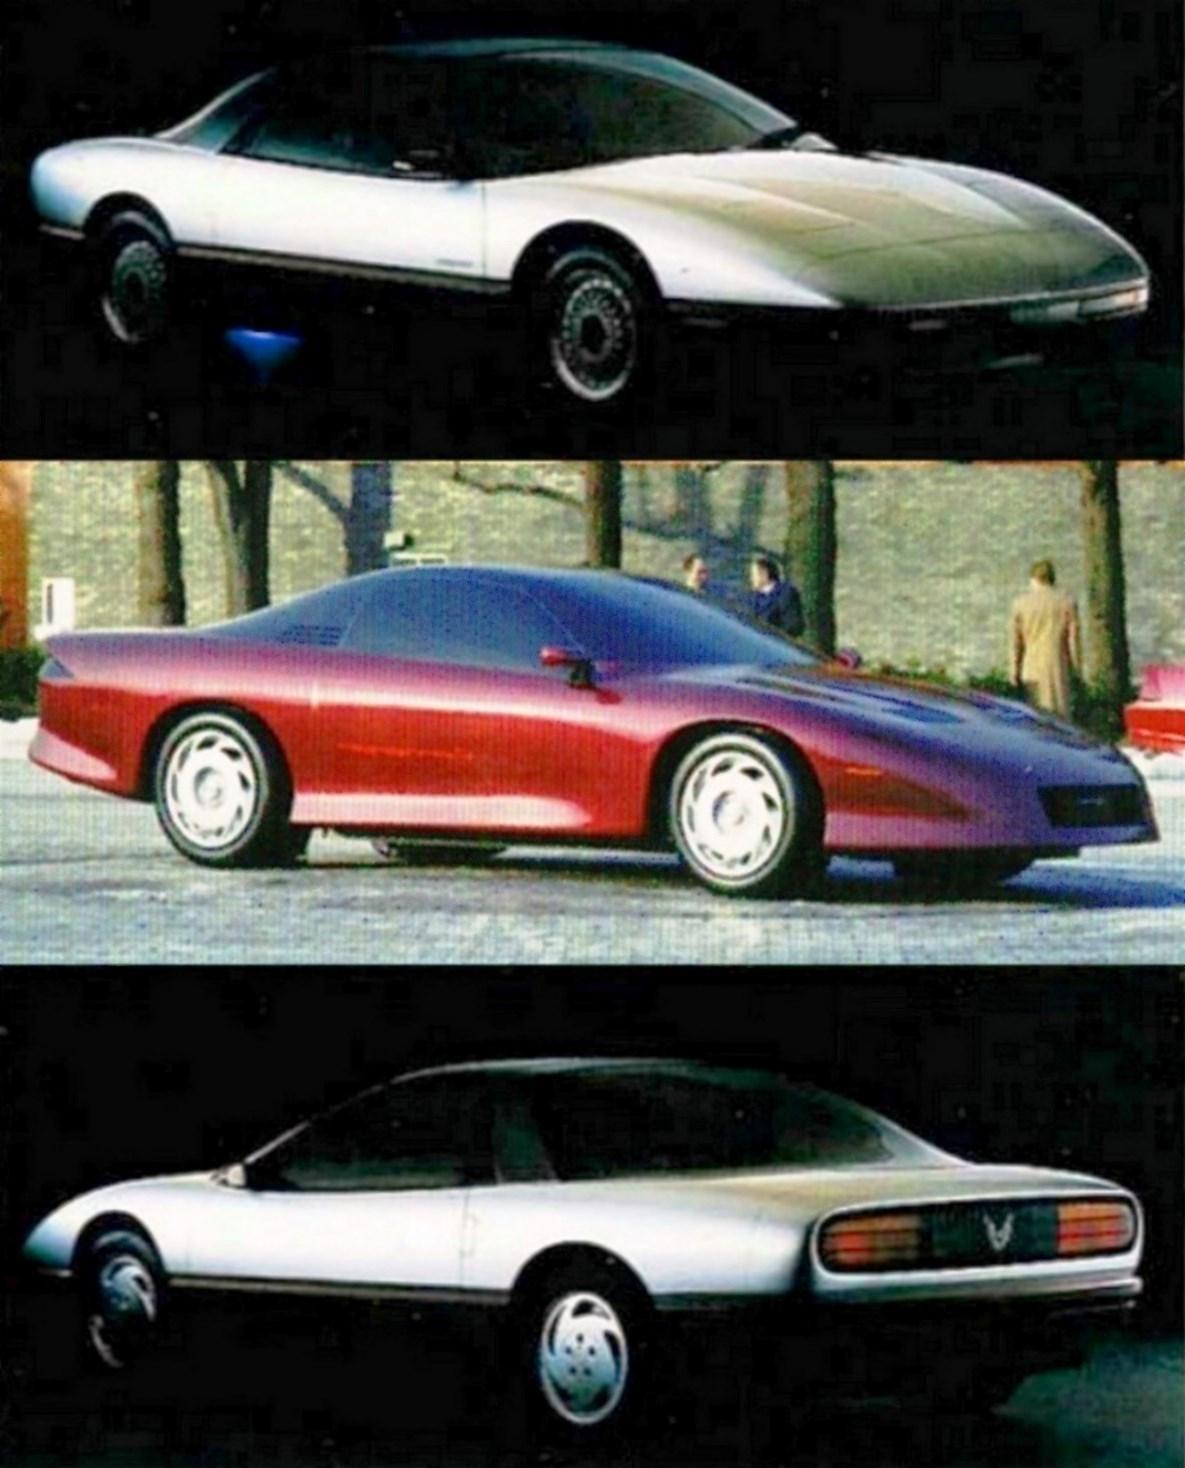 1980s FWD Camaro